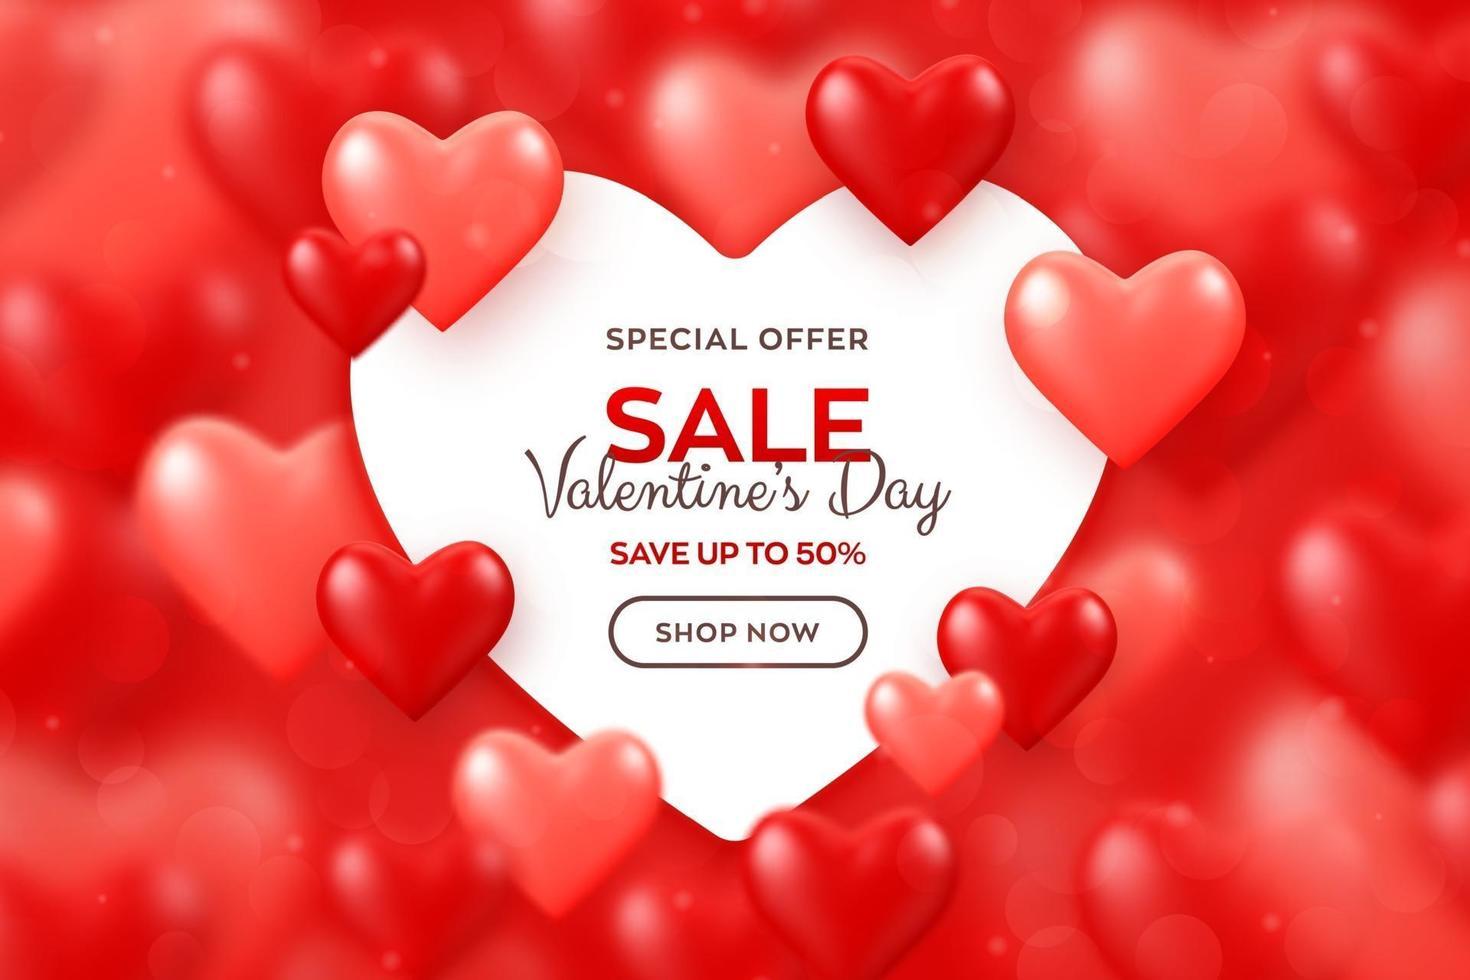 banner de venda feliz dia dos namorados. brilhando balões vermelhos e rosa fundo de corações 3d com bandeira de papel em forma de coração. papel de parede, folheto, cartaz, folheto, cartão de felicitações. vetor